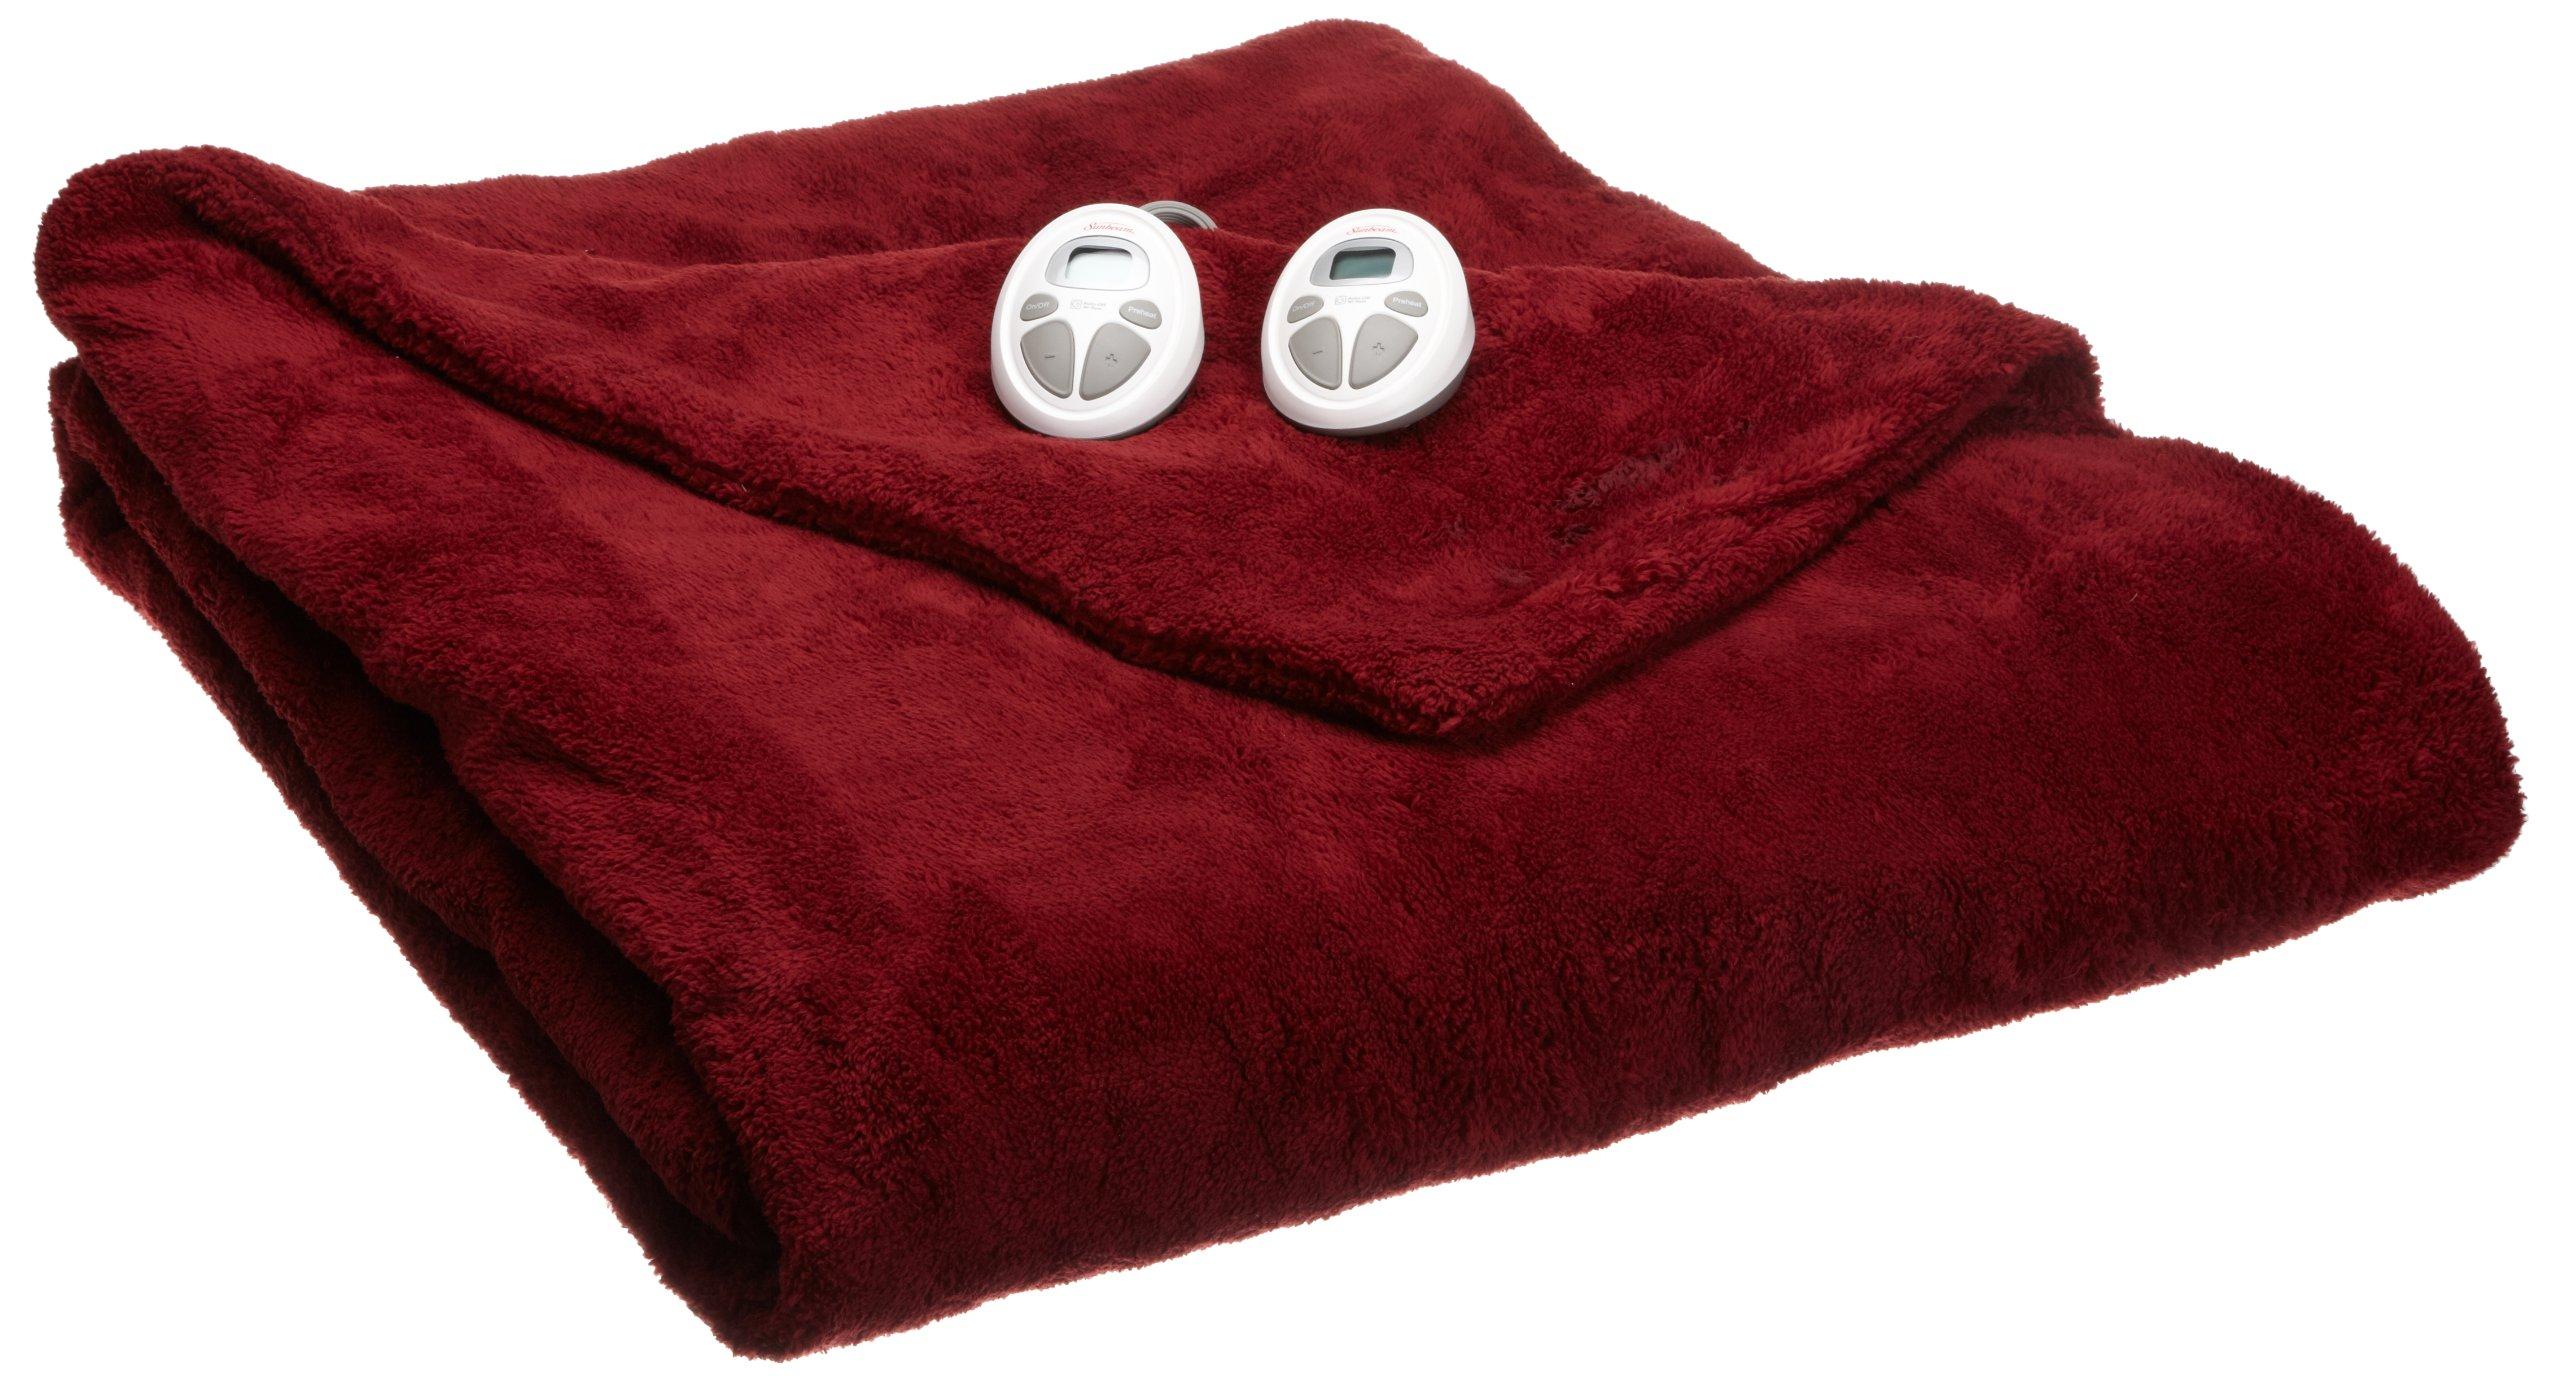 Sunbeam LoftTech Heated Blanket, Queen, Garnet, BSL8CQS-R310-16A00